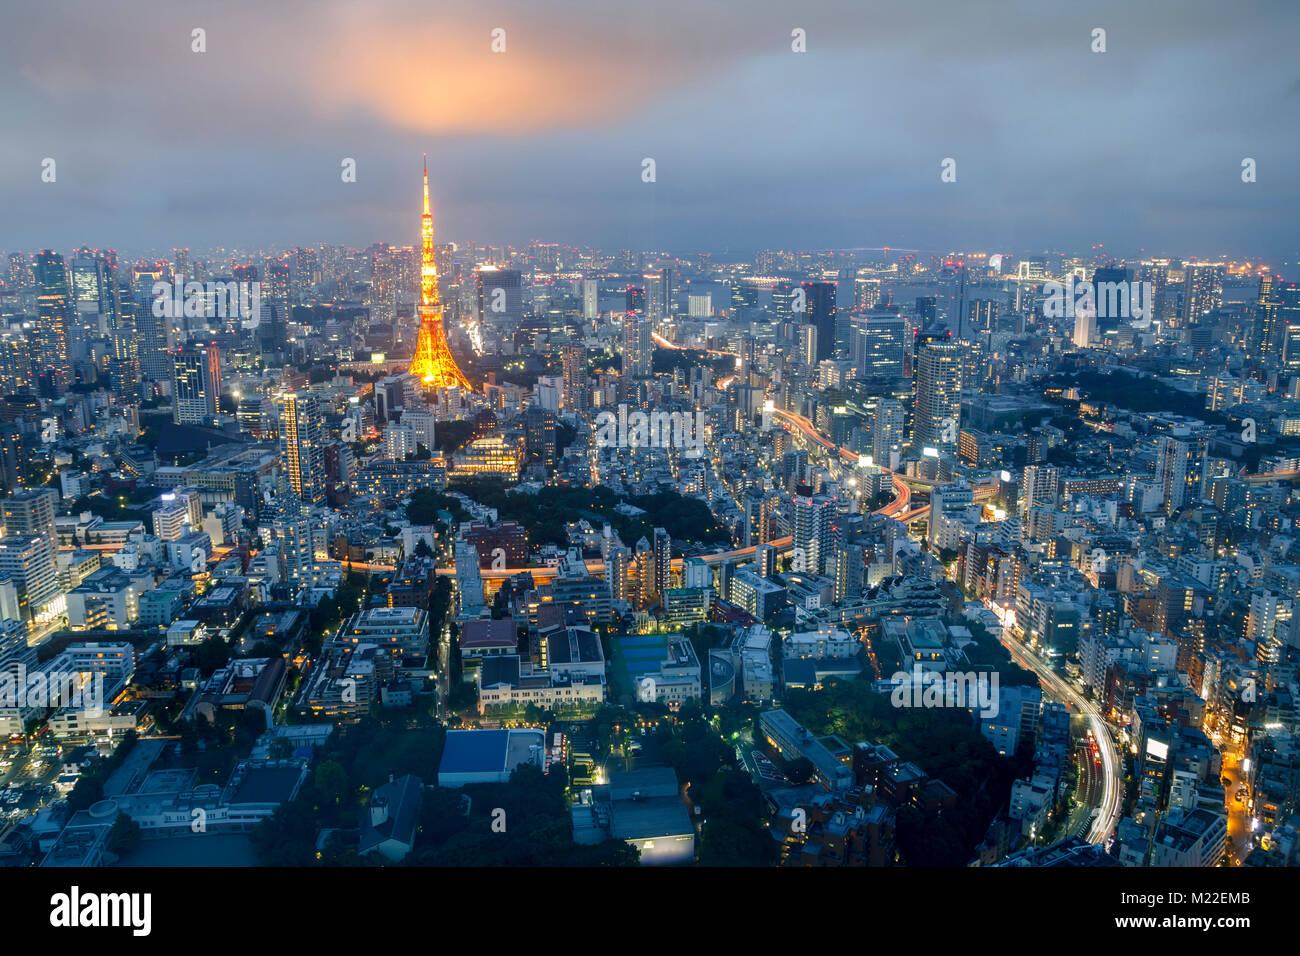 Horizonte de Tokio al atardecer, con la famosa torre de Tokyo. Imagen De Stock